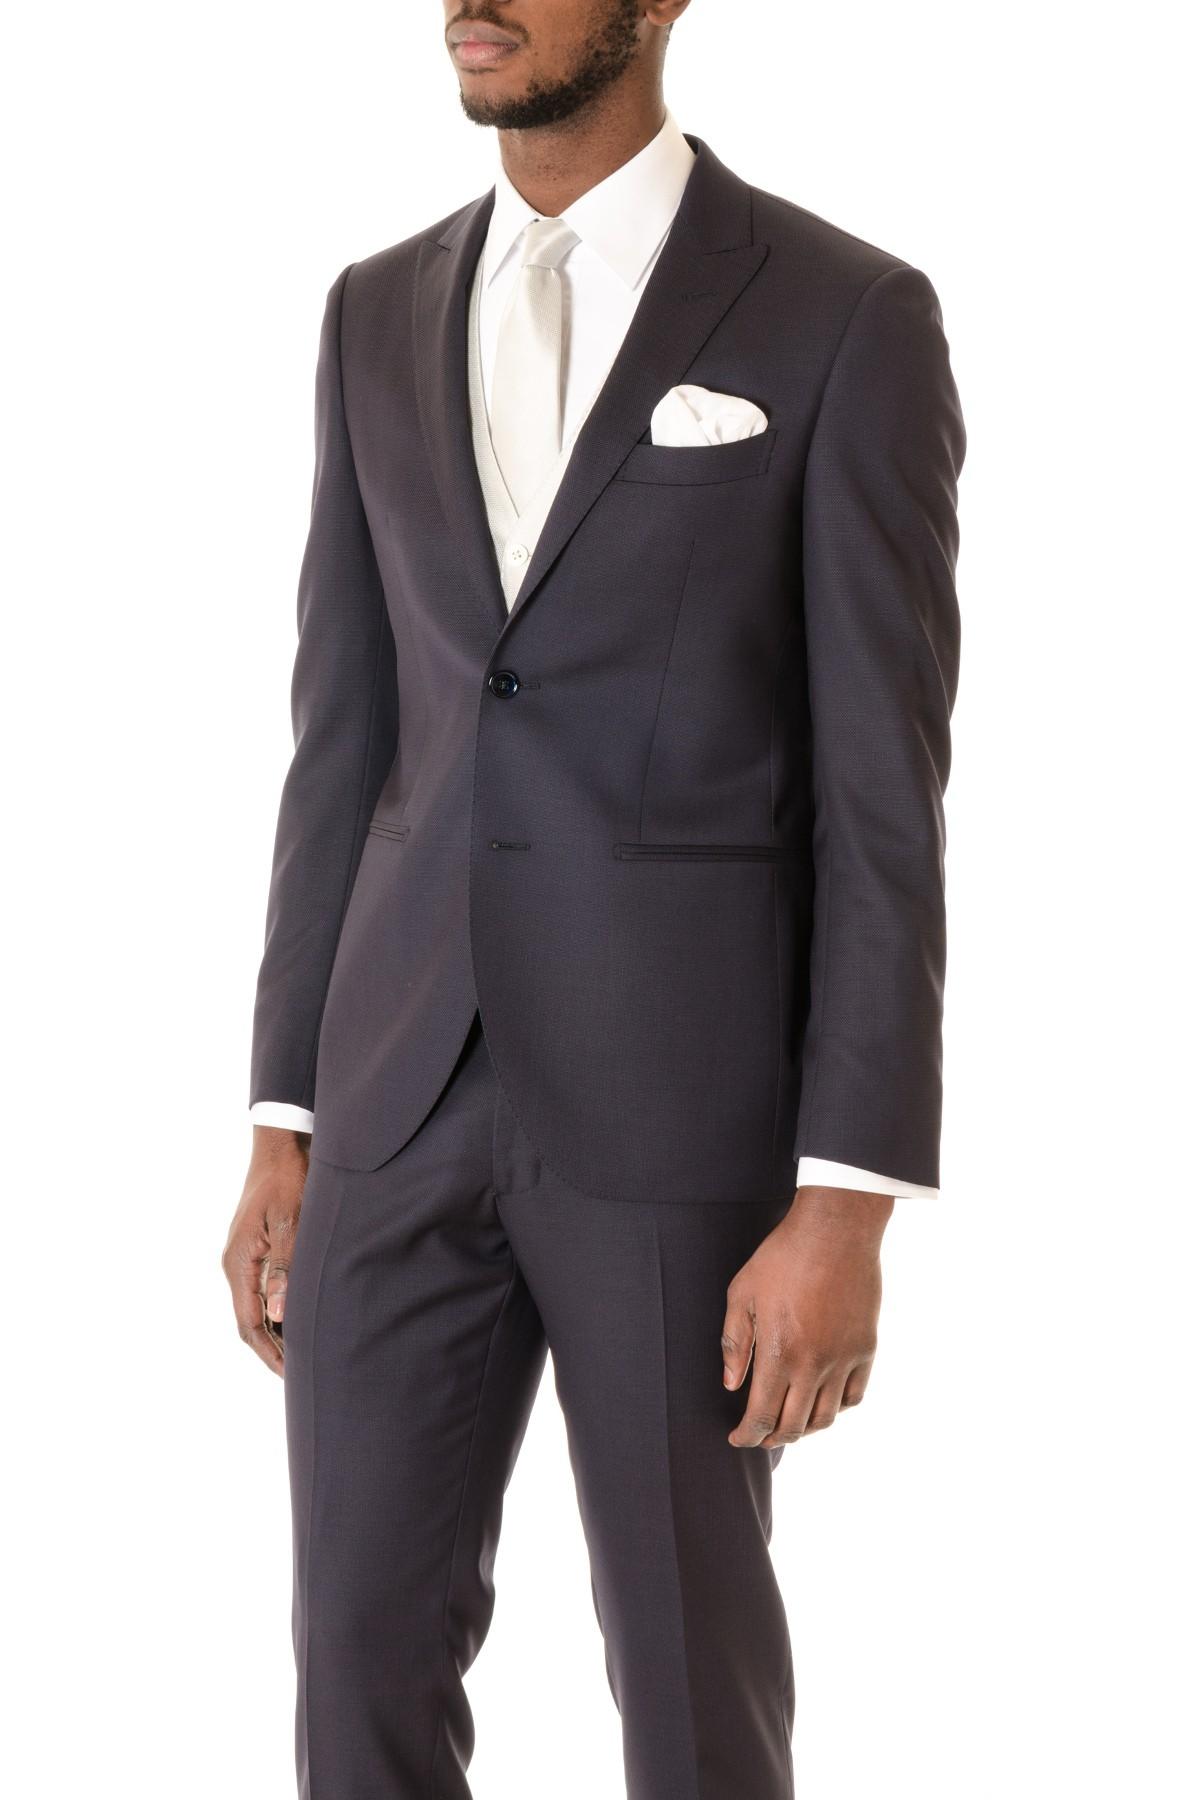 Abito Matrimonio Uomo Blu Scuro : Abito blu scuro rione fontana con gilet e cravatta p